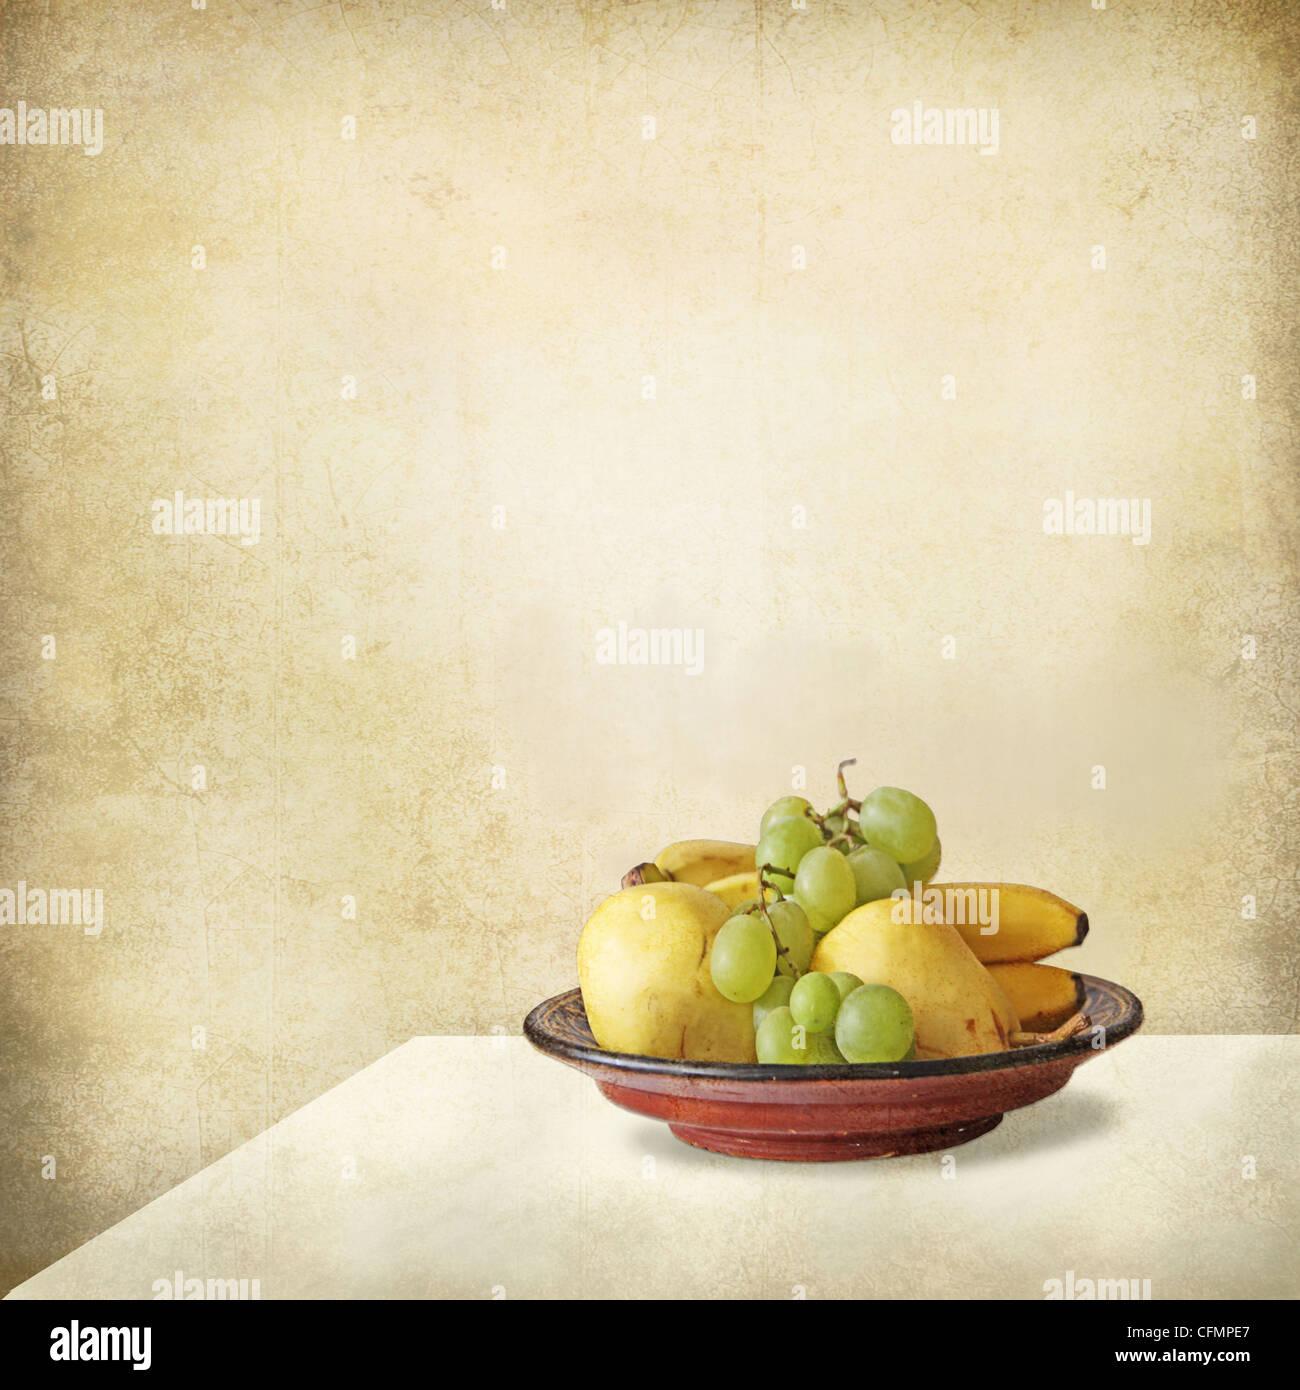 Grunge ancora in vita di una luce interiore, un tavolo e un vassoio pieno di frutta, uva, banane, pere. Immagini Stock